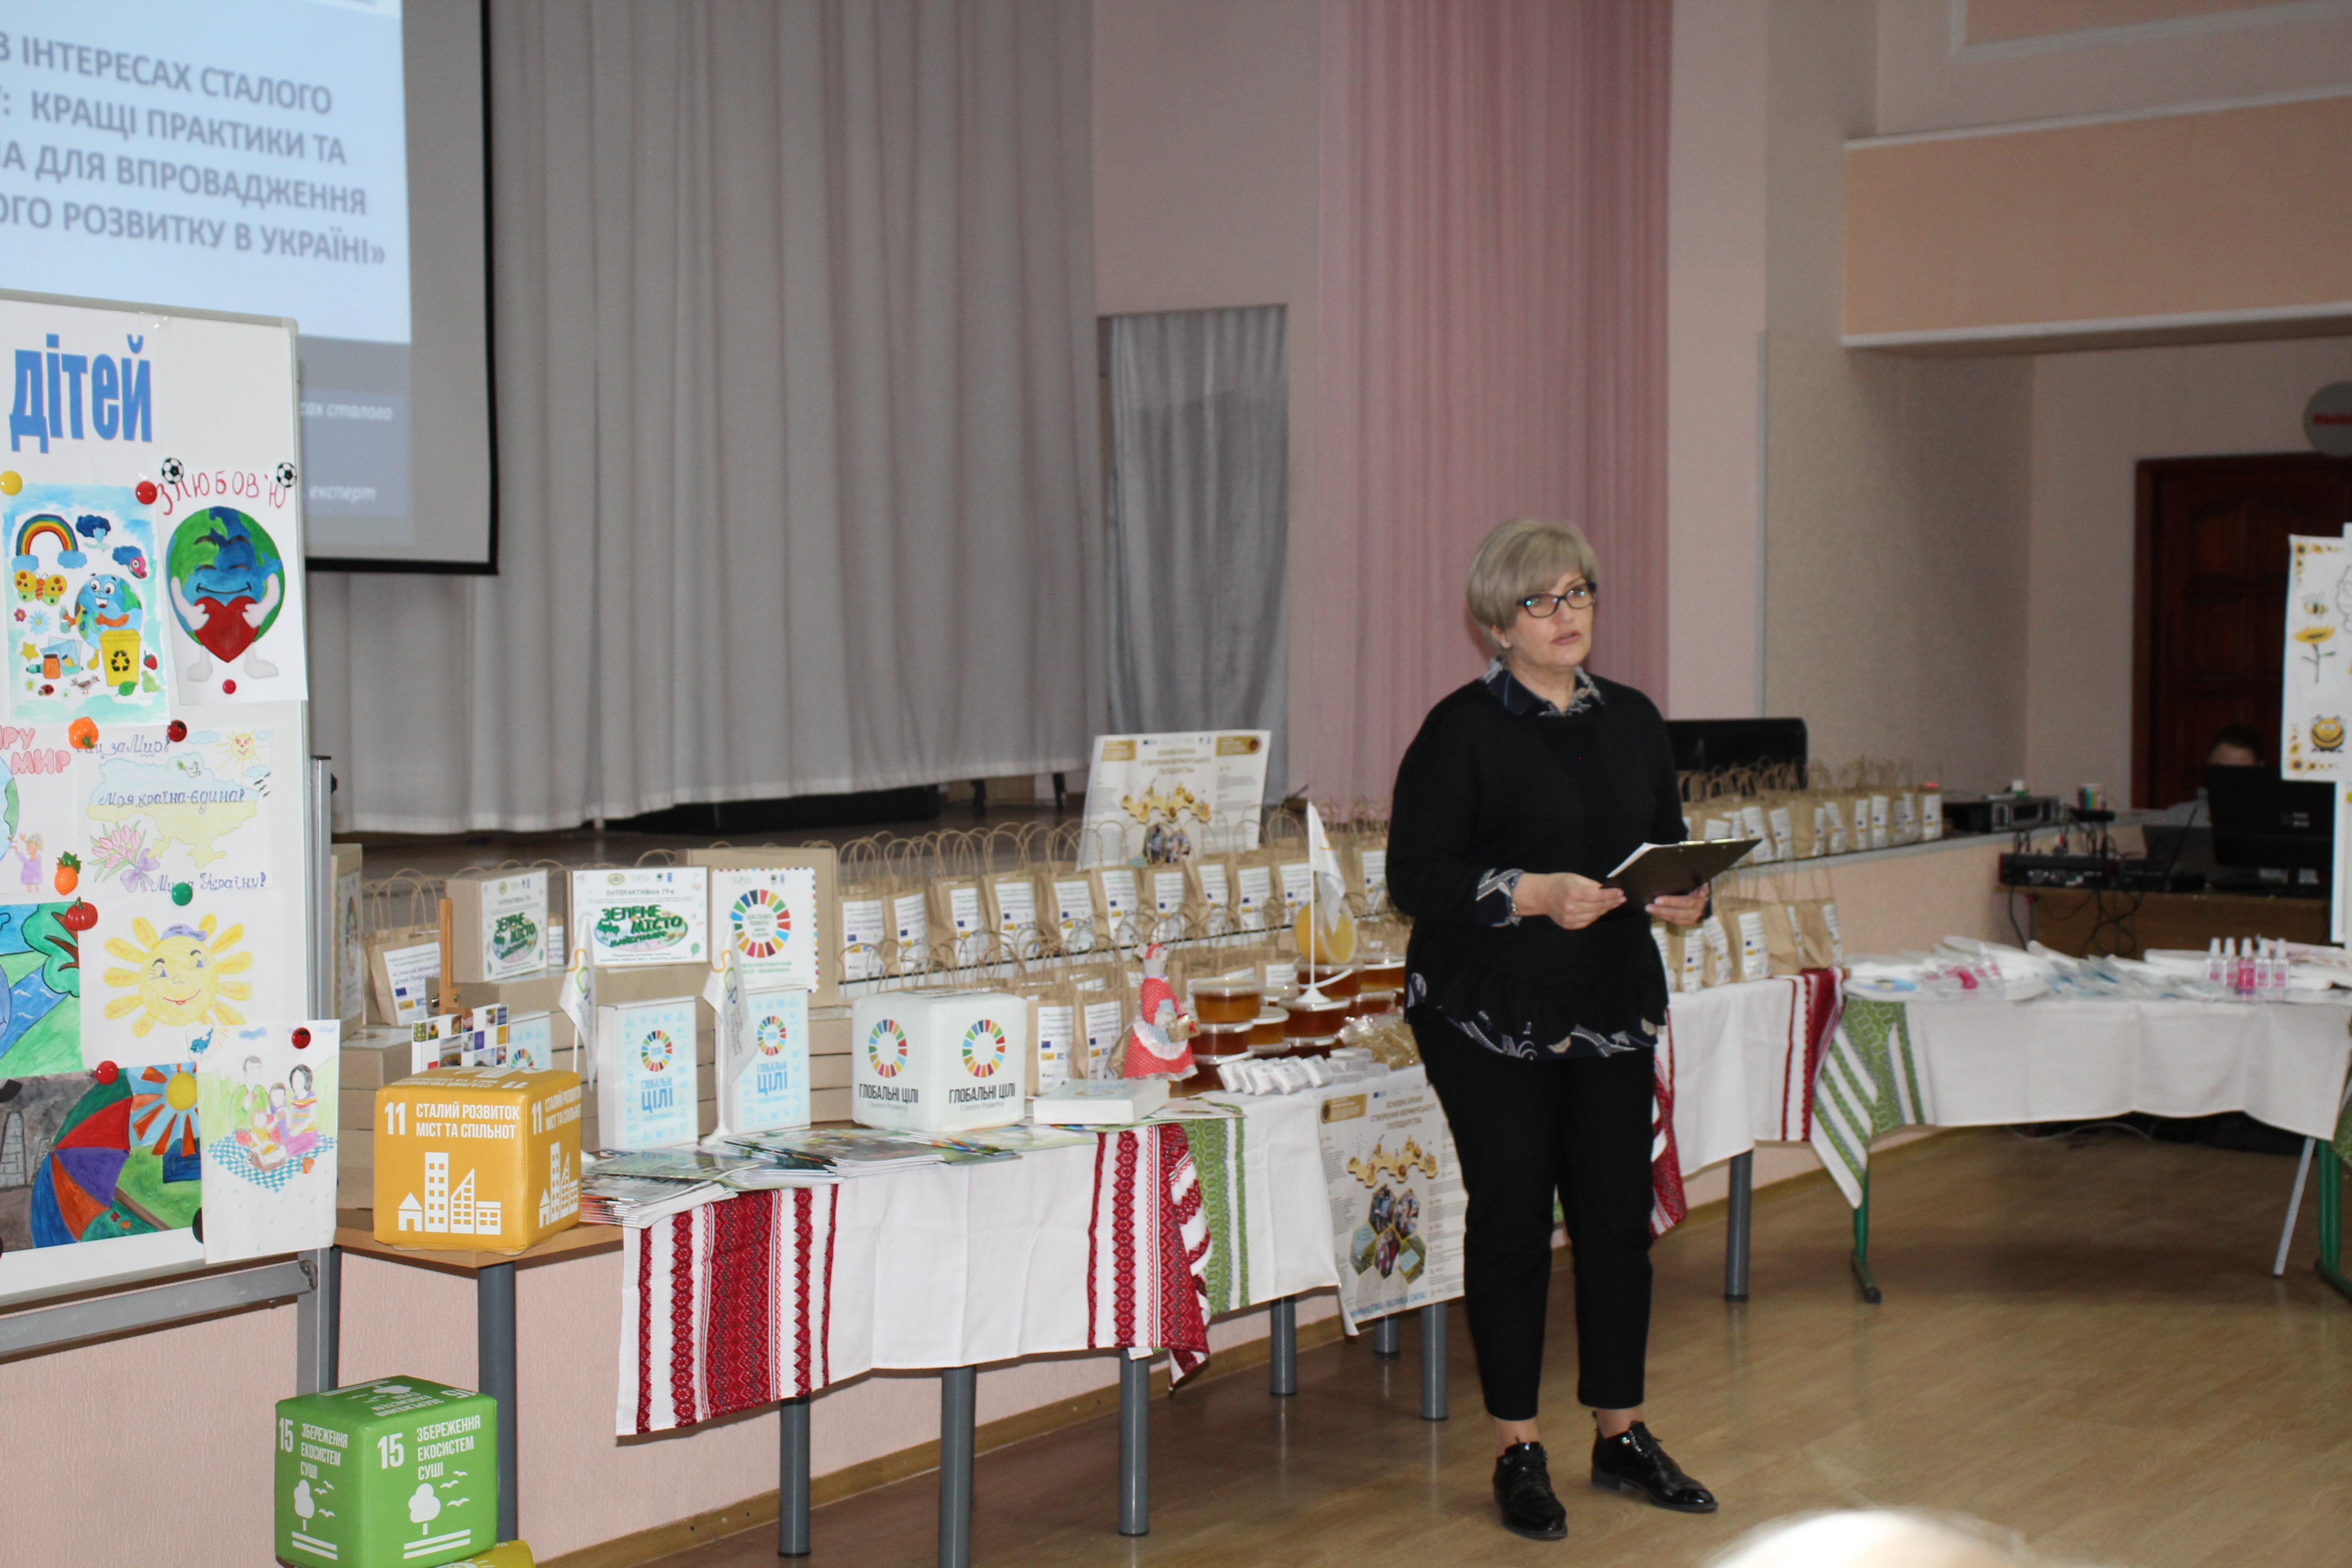 У Покровському НВК 1 пройшла презентація Партнерської мережі «Освіта в інтересах сталого розвитку в Україні», фото-1